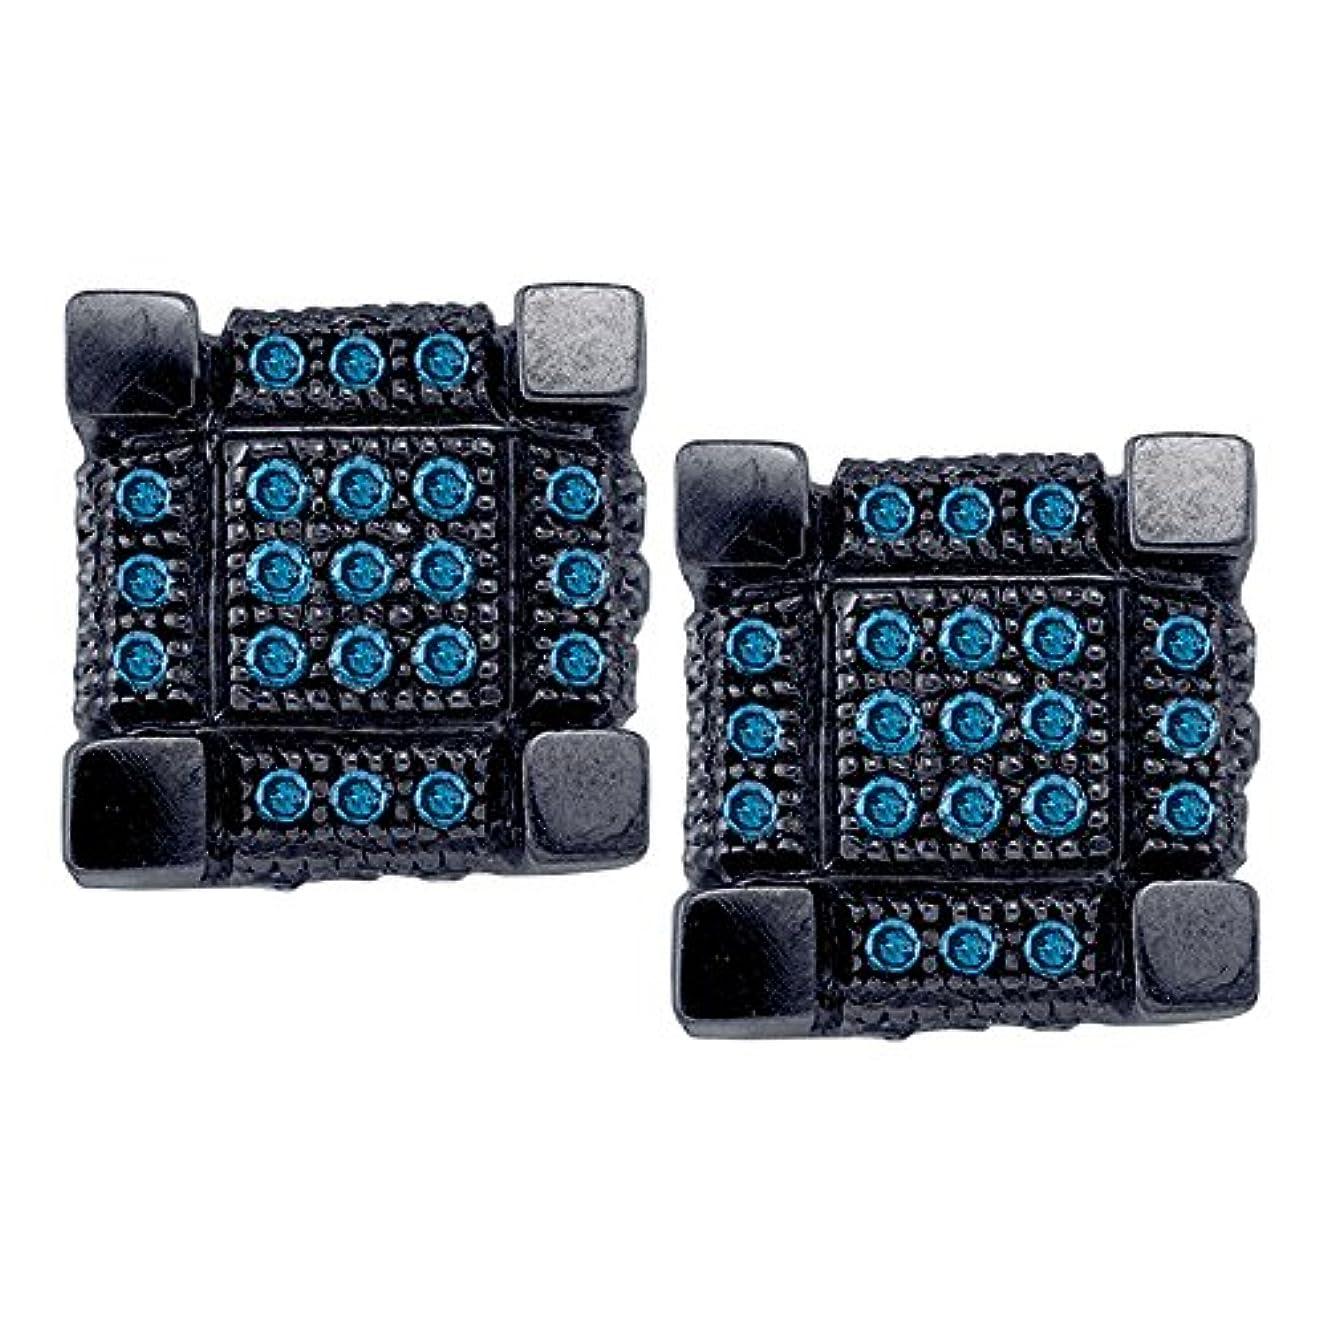 ヘッジ家畜時代Roy Rose Jewelry 10K ホワイトブラックトーンゴールド メンズ ラウンドブルーカラー 強化ダイヤモンド 3D キューブ スクエア クラスター ピアス 1/3カラット tw